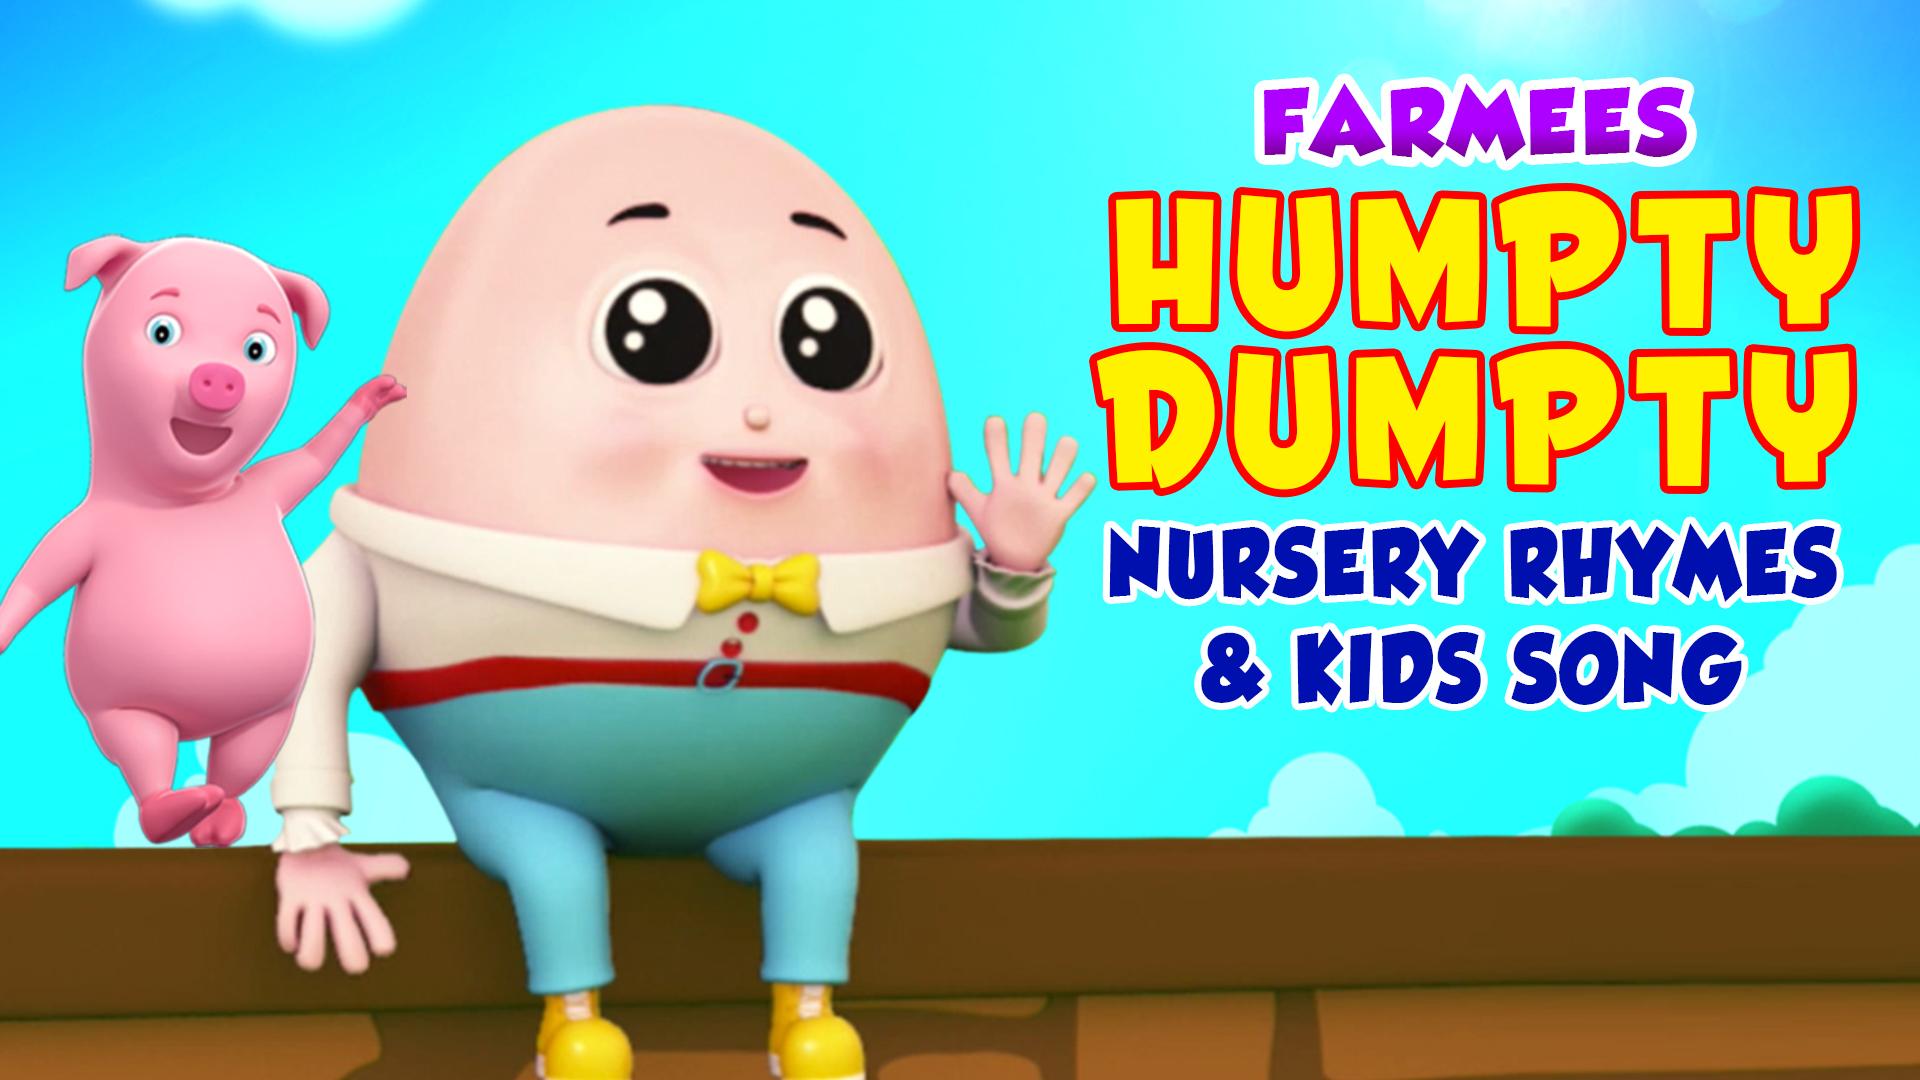 Humpty Dumpty Nursery Rhymes and Kids Songs - Farmees